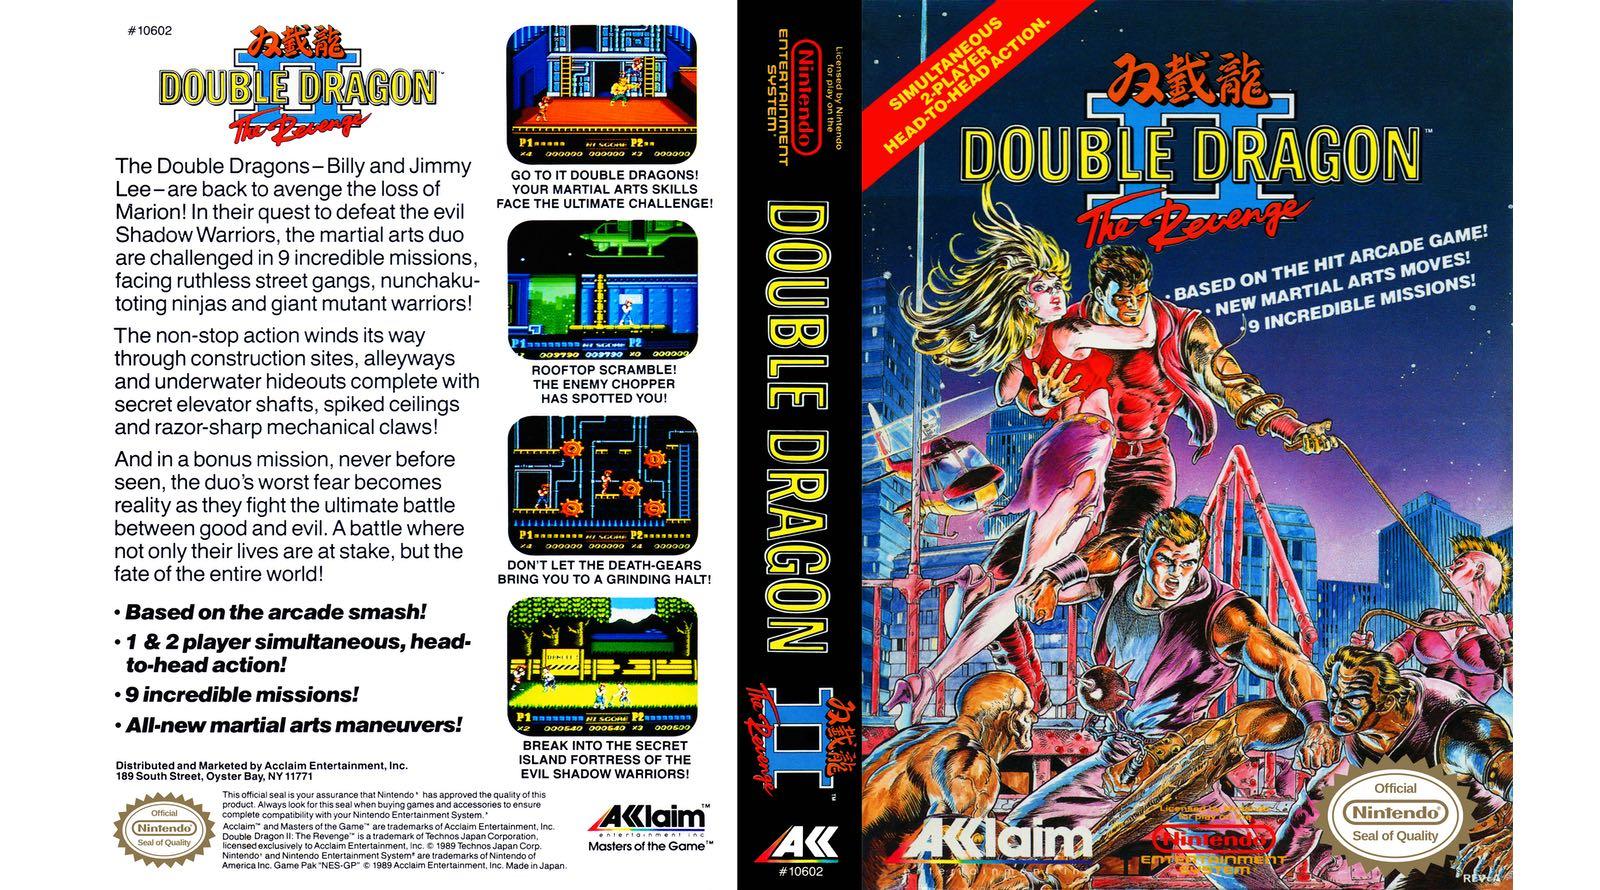 double dragon 2 arcade game